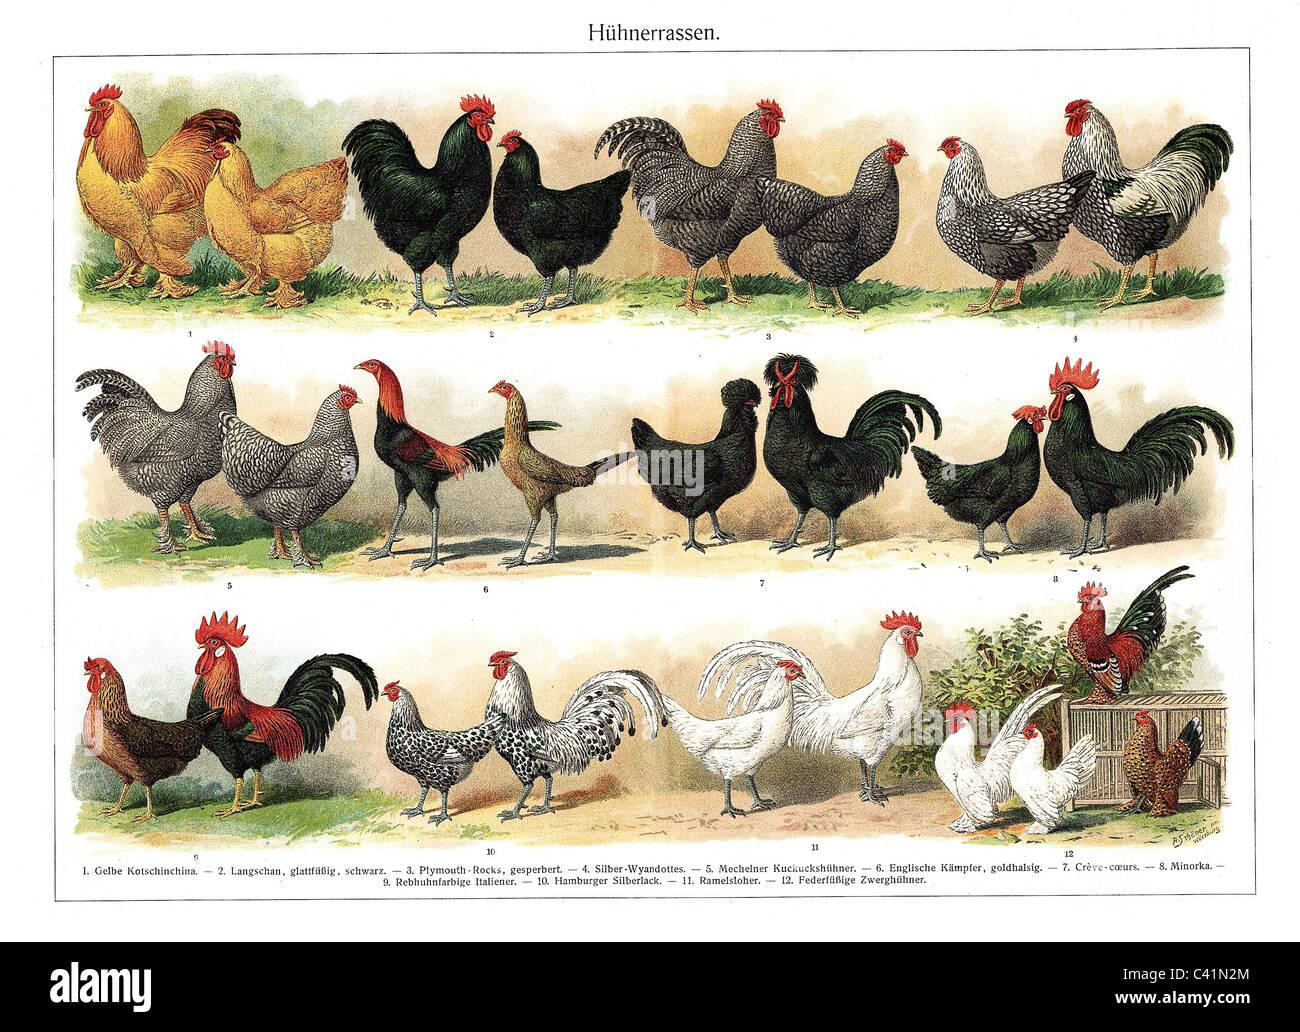 Zoology bird hen color chart of different hen breed late 19th zoology bird hen color chart of different hen breed late 19th century 1 gelbe kotschinchina 2 langschan black 3 plymo nvjuhfo Gallery